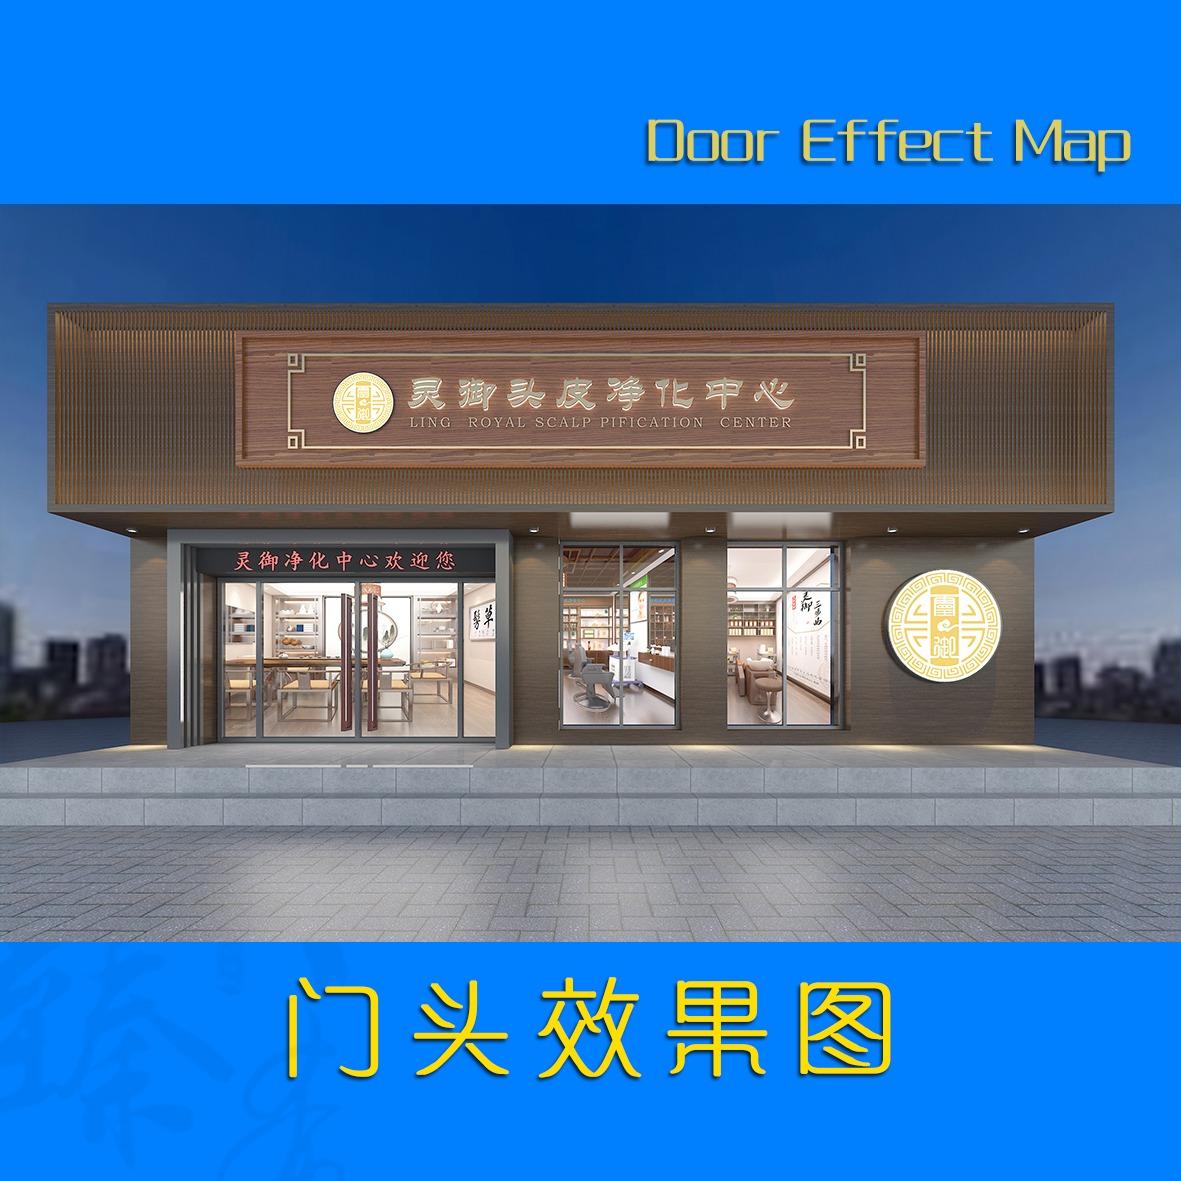 门头效果图绘制设计专卖店卖场餐饮商店门头设计绘制装饰装修设计